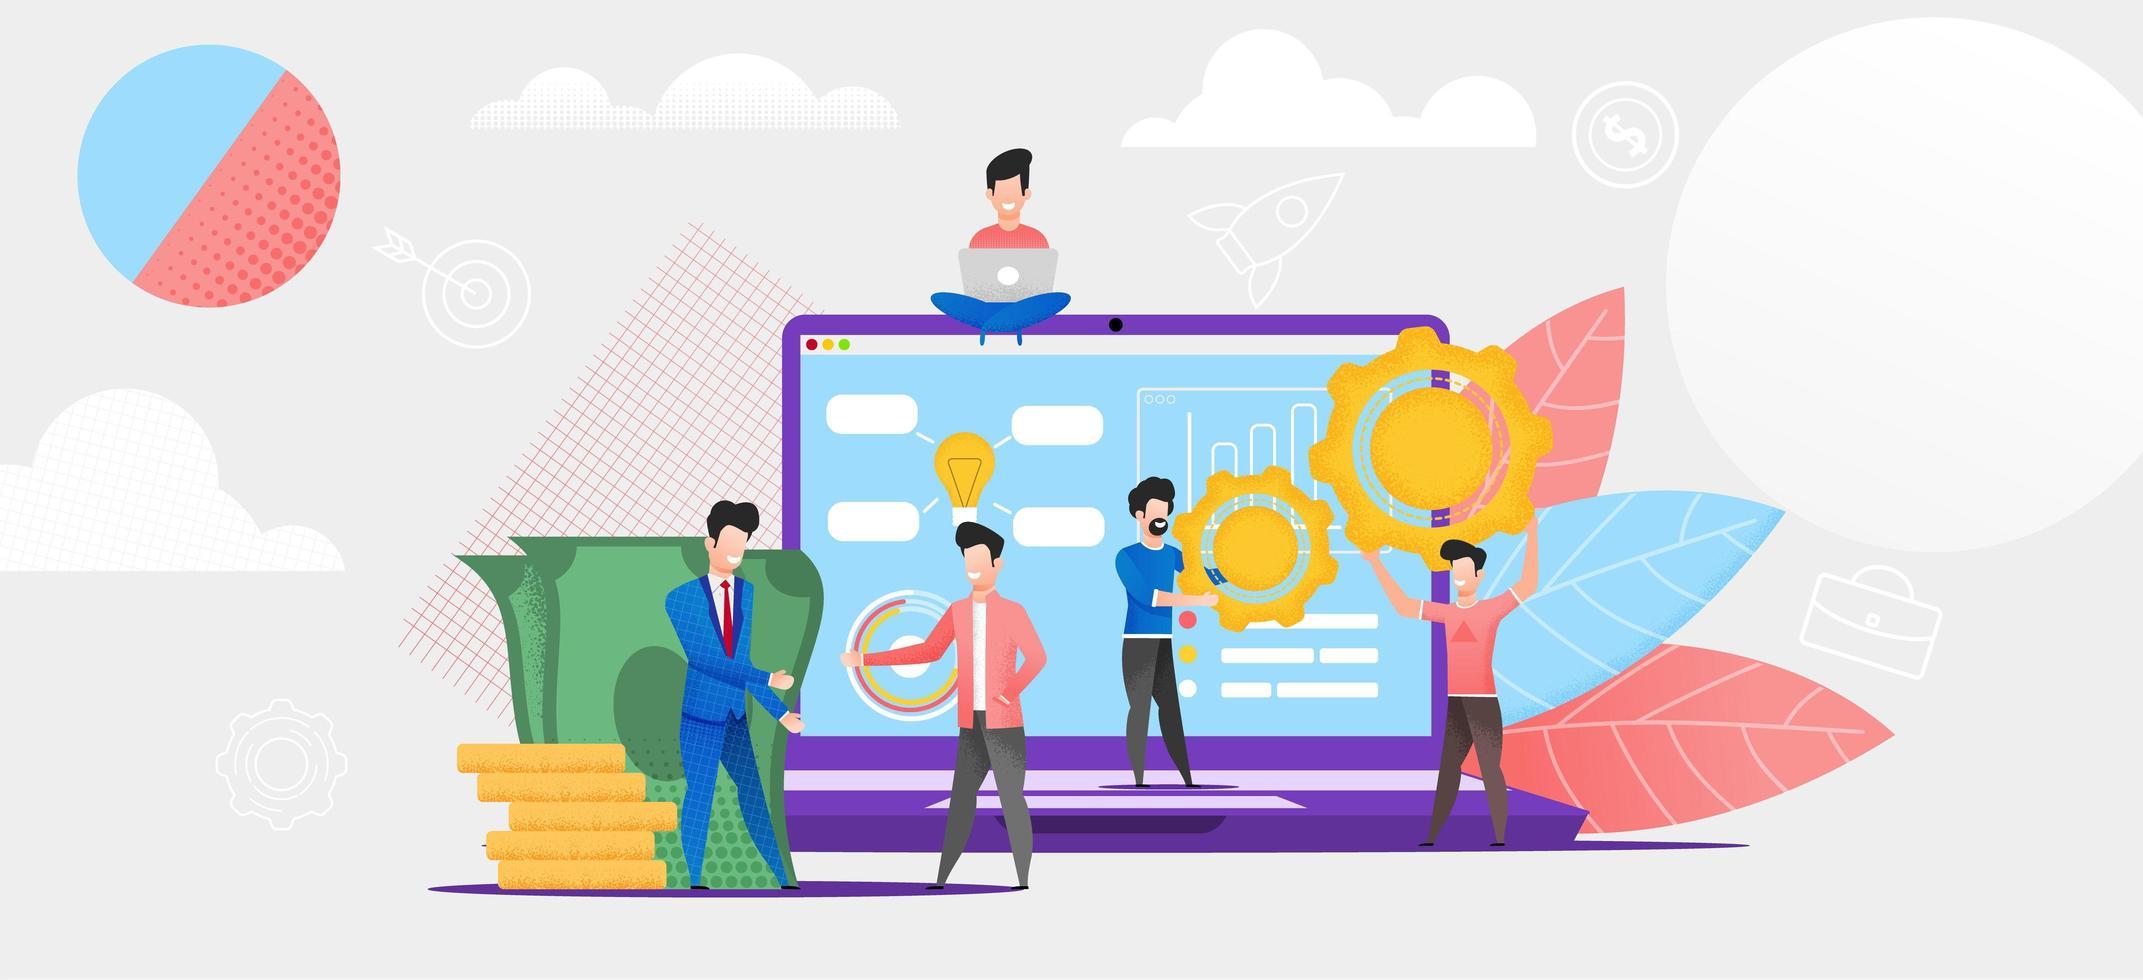 grupo estudando sistema de mercado financeiro on-line vetor